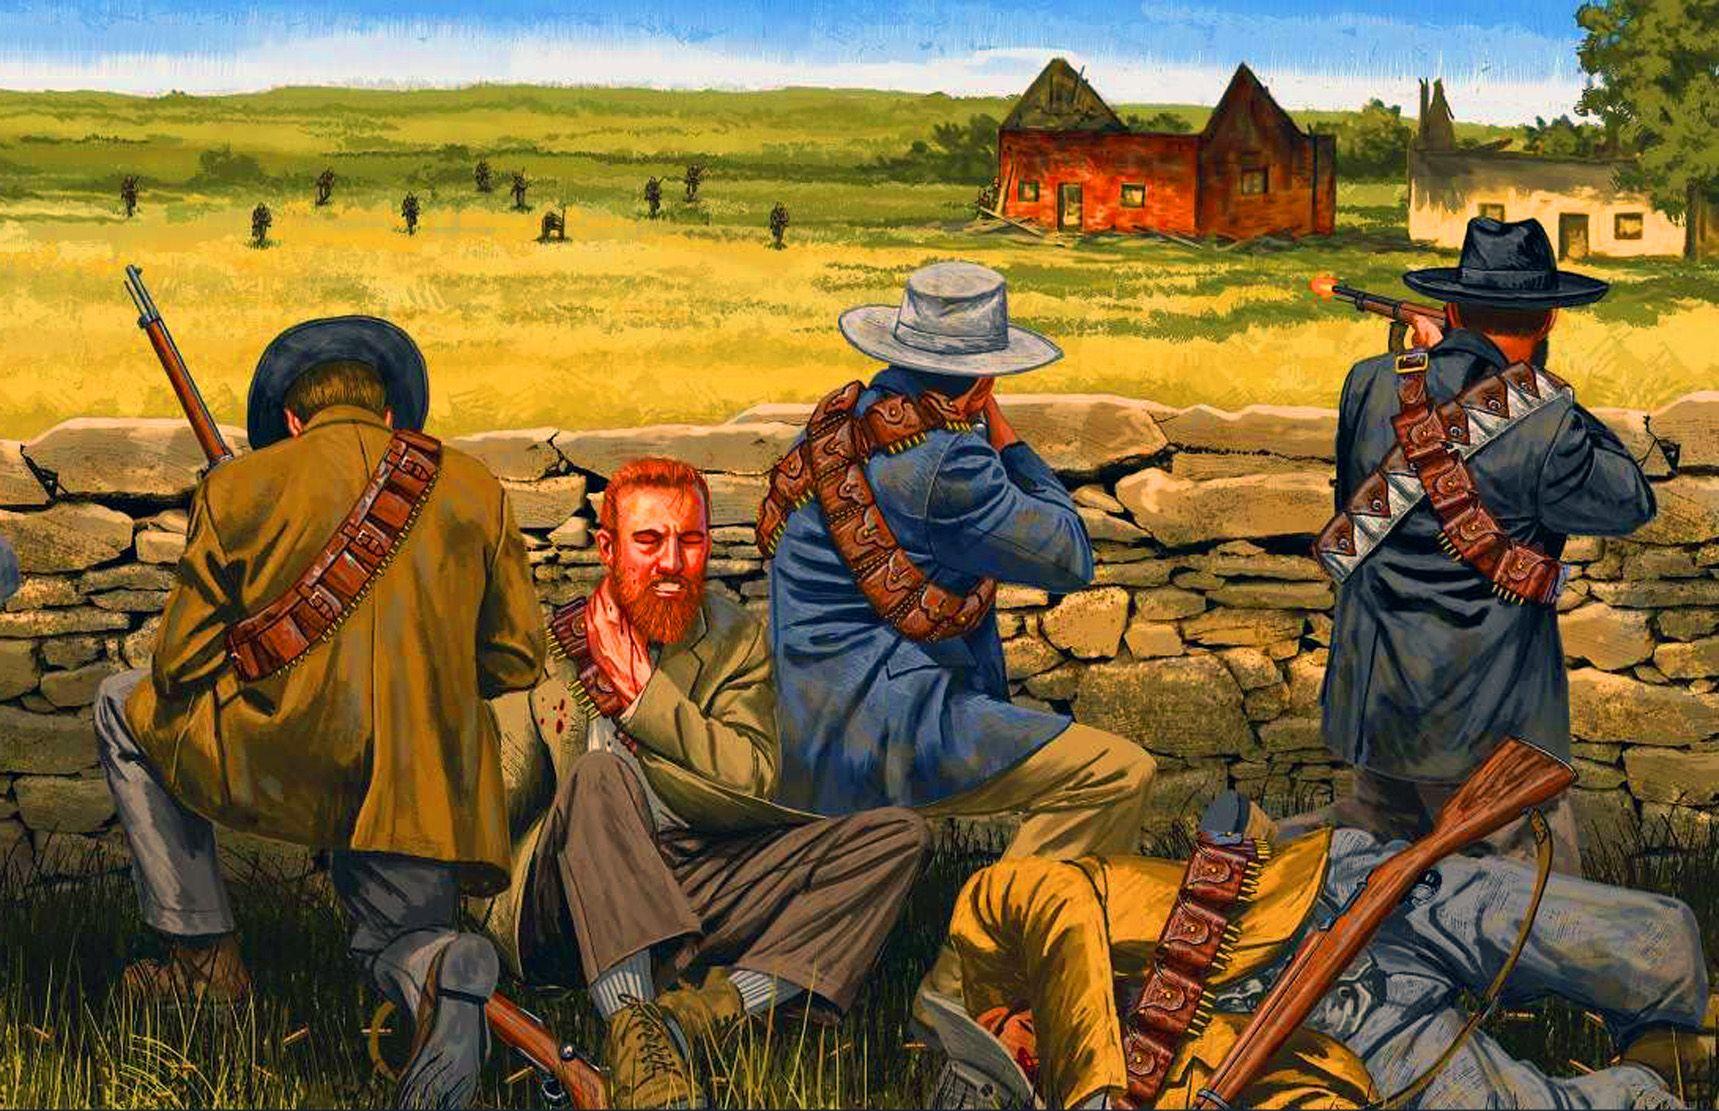 File:A boer war reenactor, MC Heunis preparing his